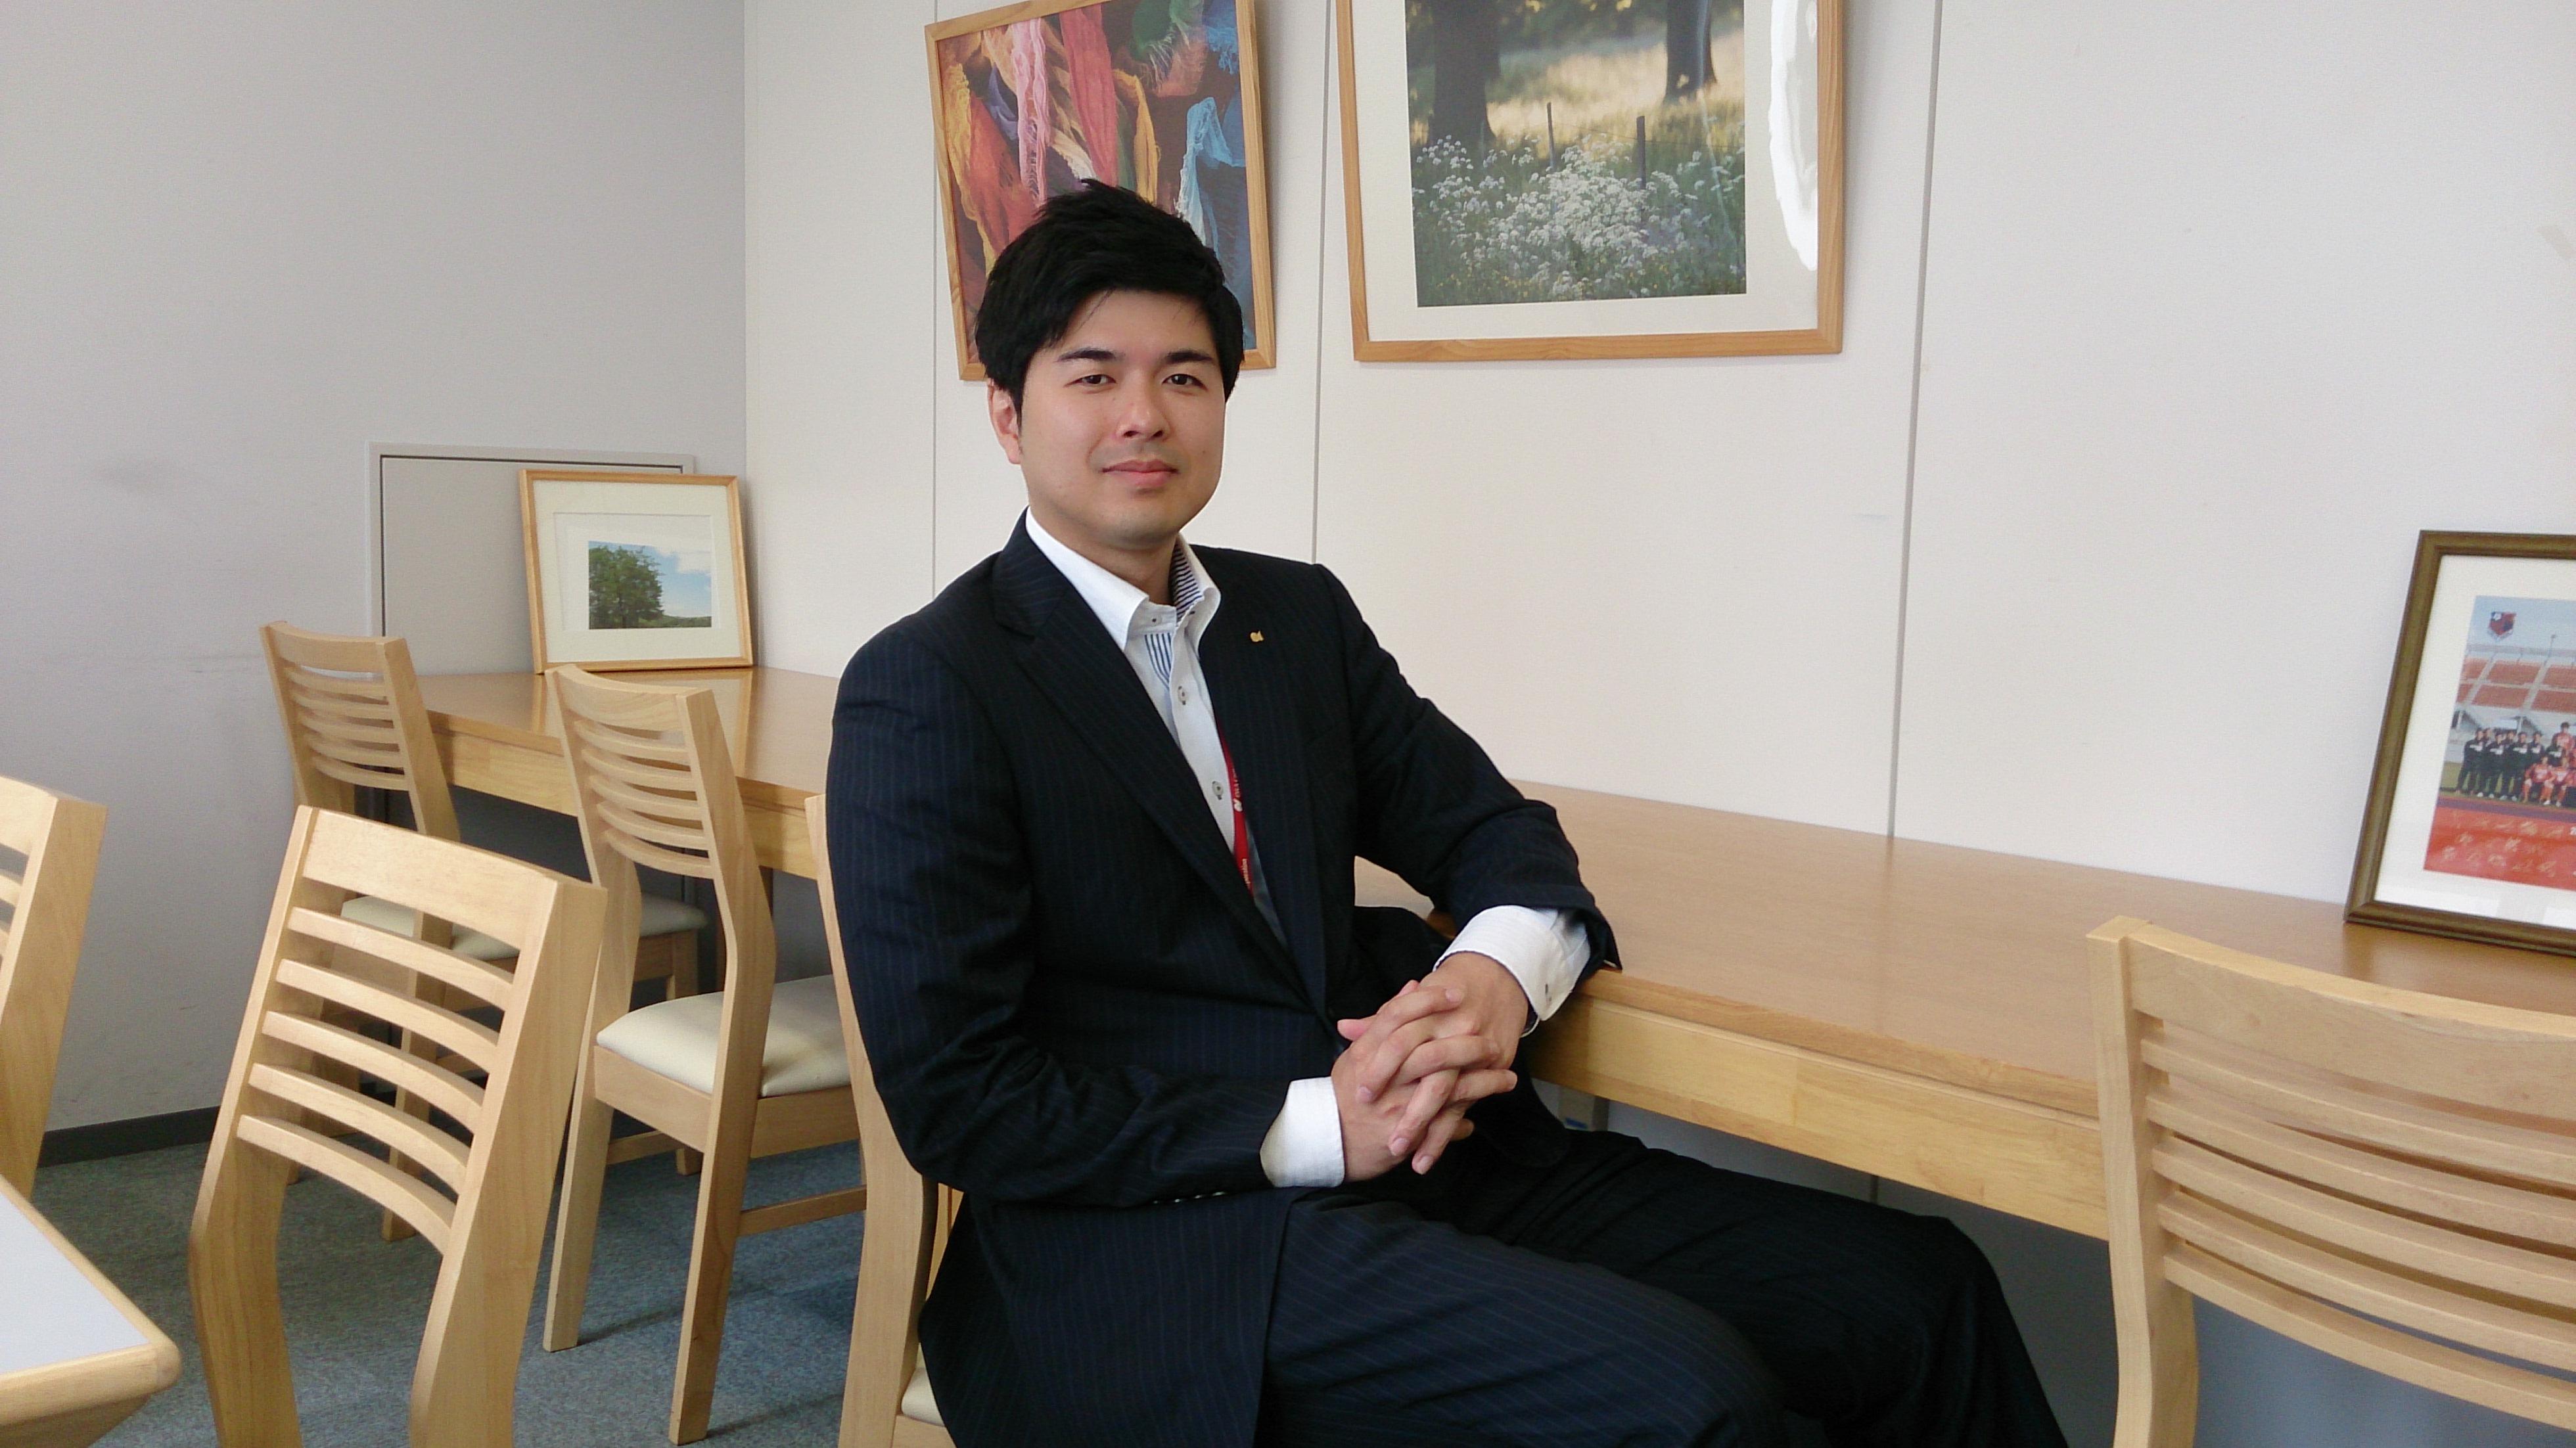 経営管理本部 経営企画部 渡辺 敬宏氏